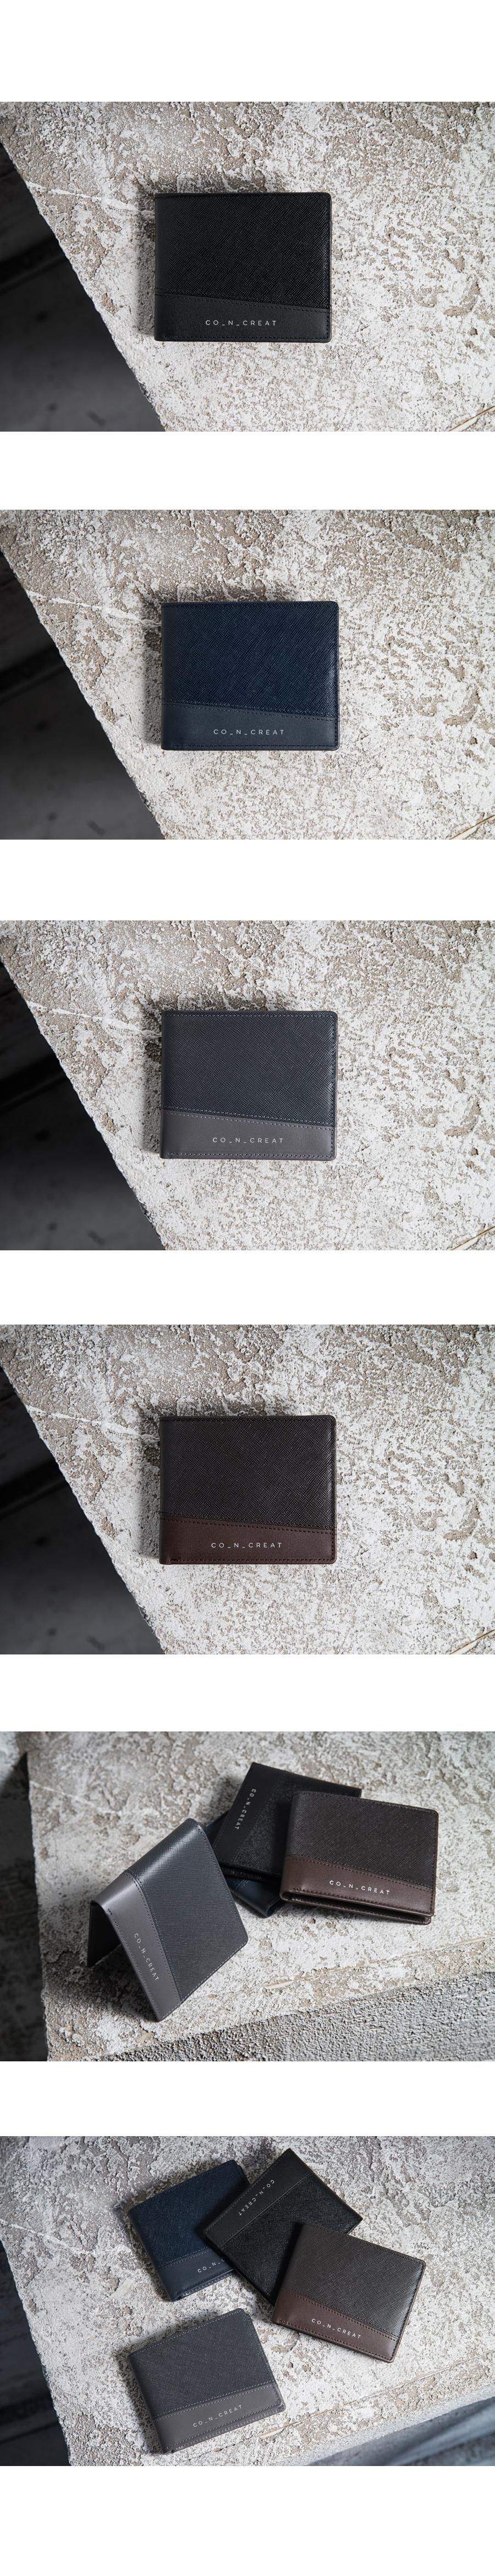 [코앤크릿] 17WDG0310C12NV 다이아그널 남성 반지갑 네이비